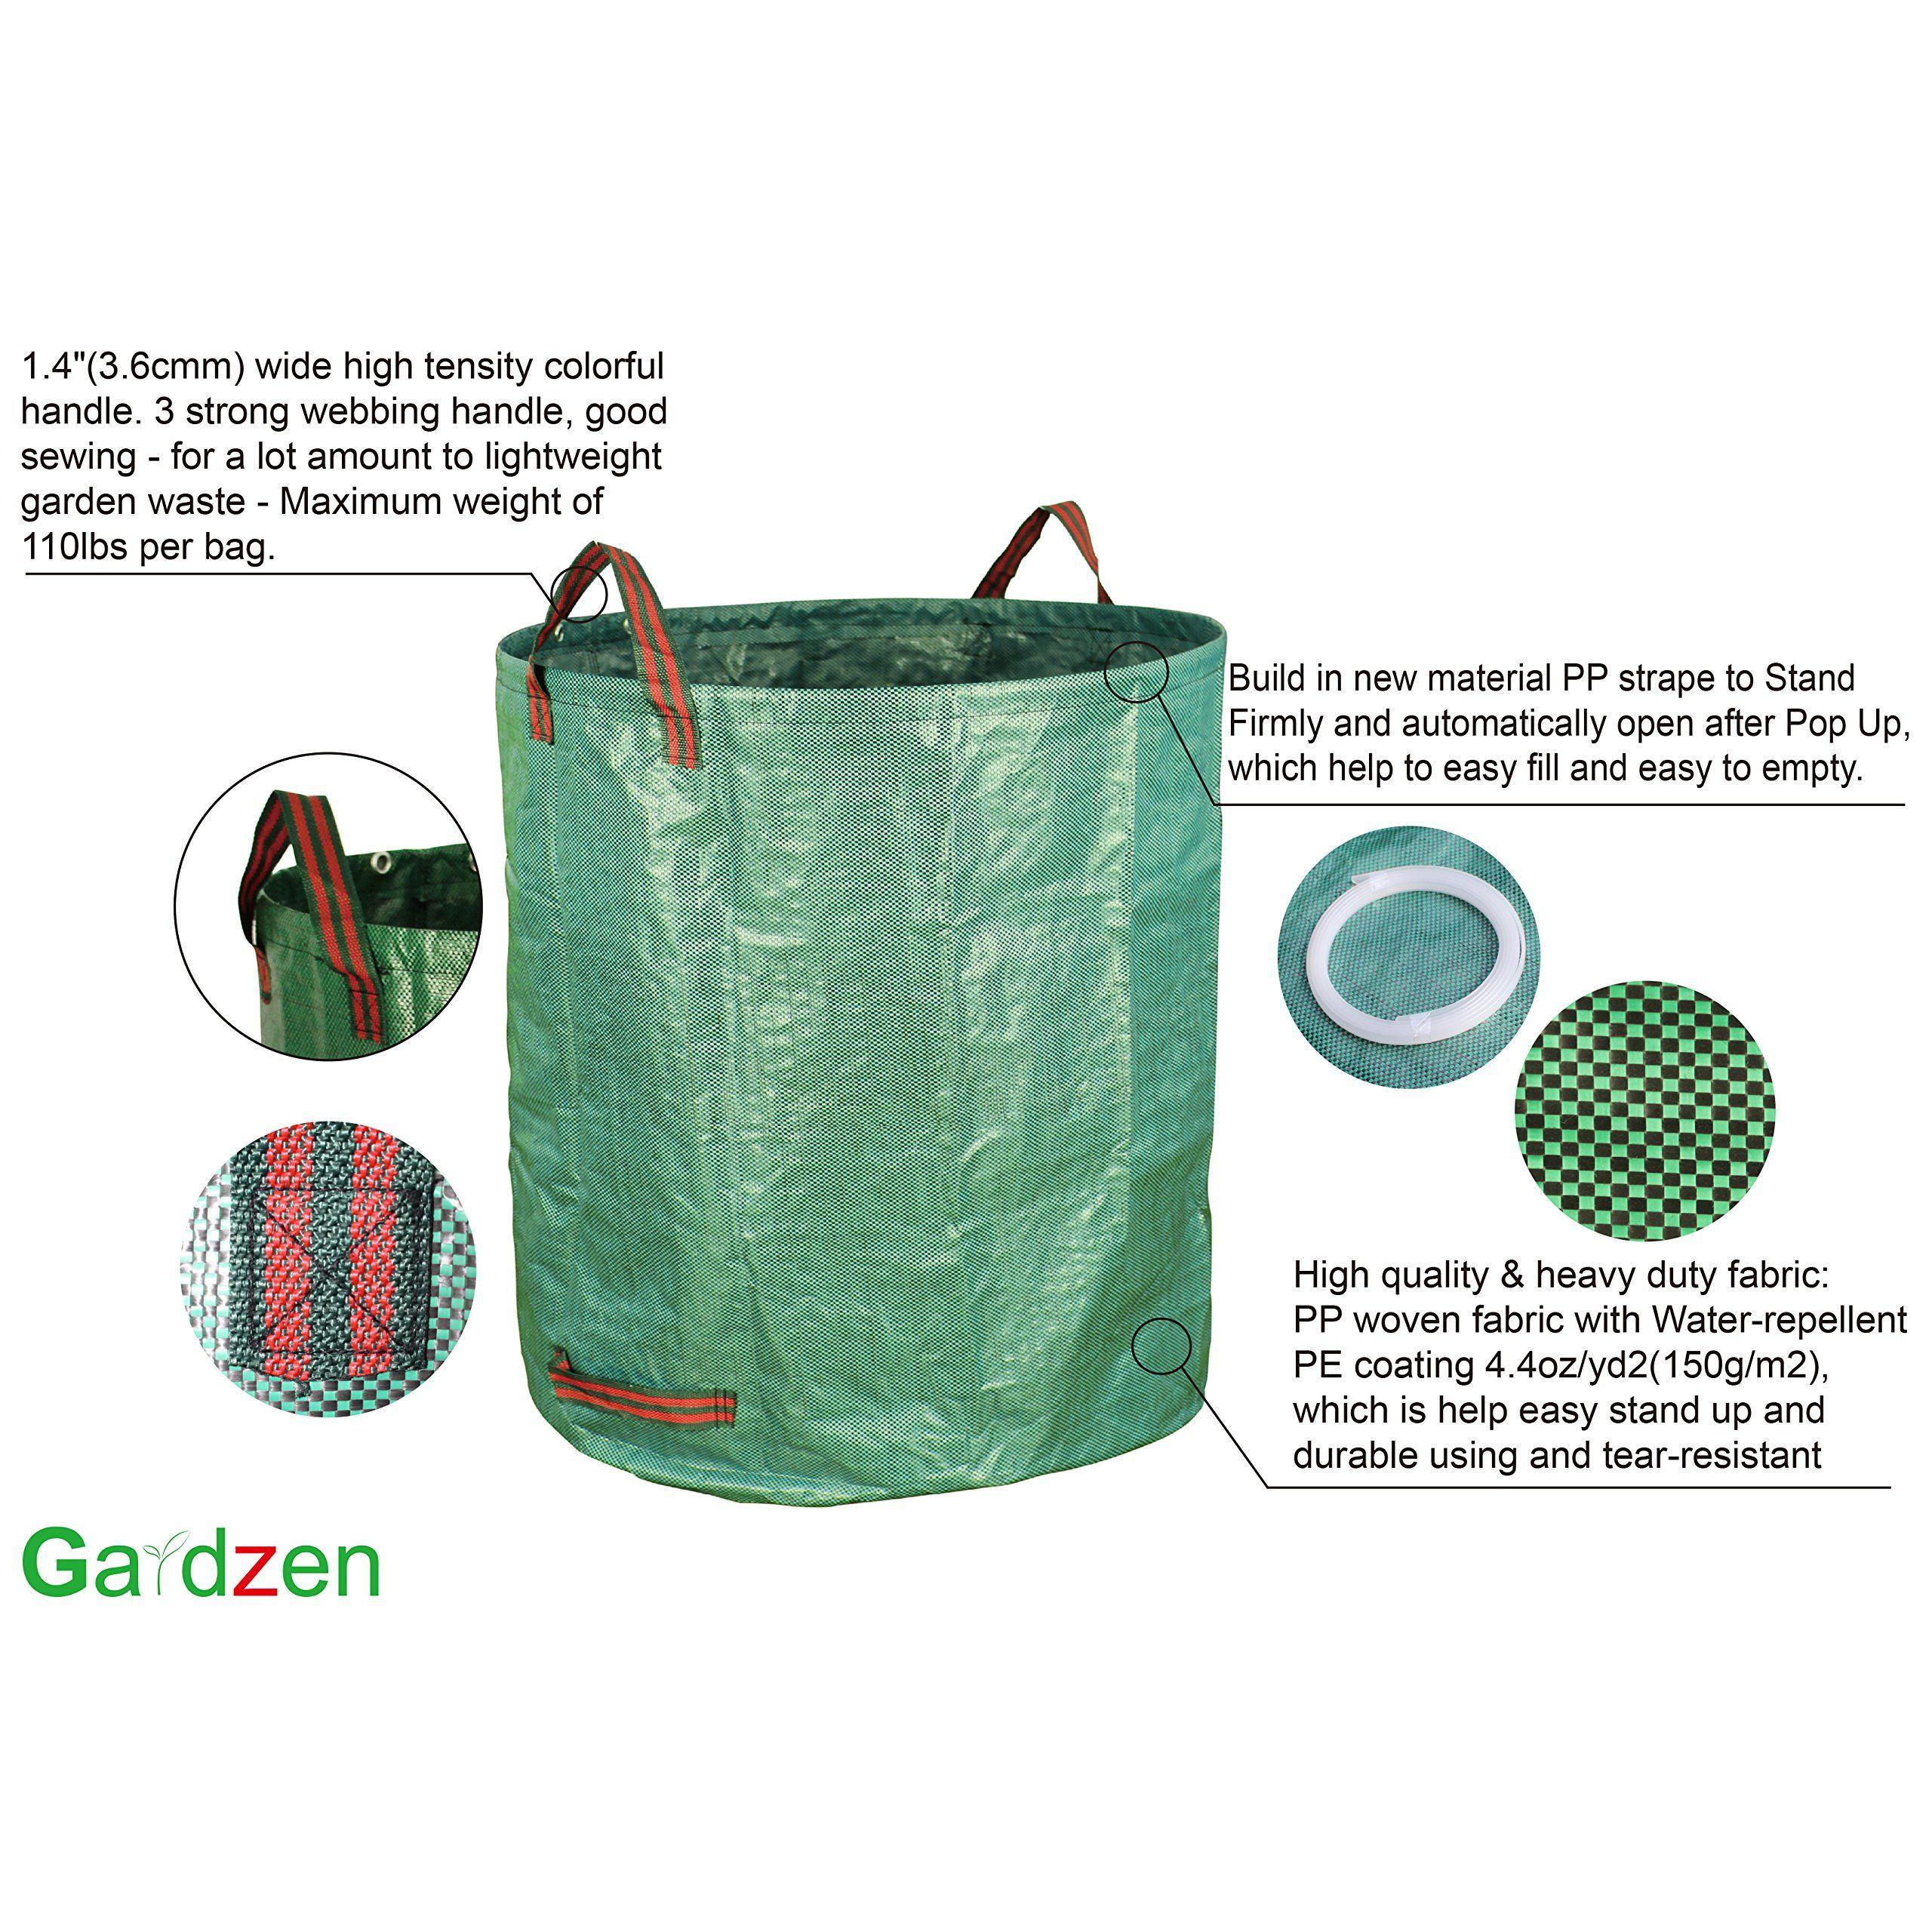 Gardzen 3pack 72 Gallons Garden Bag Reuseable Heavy Duty